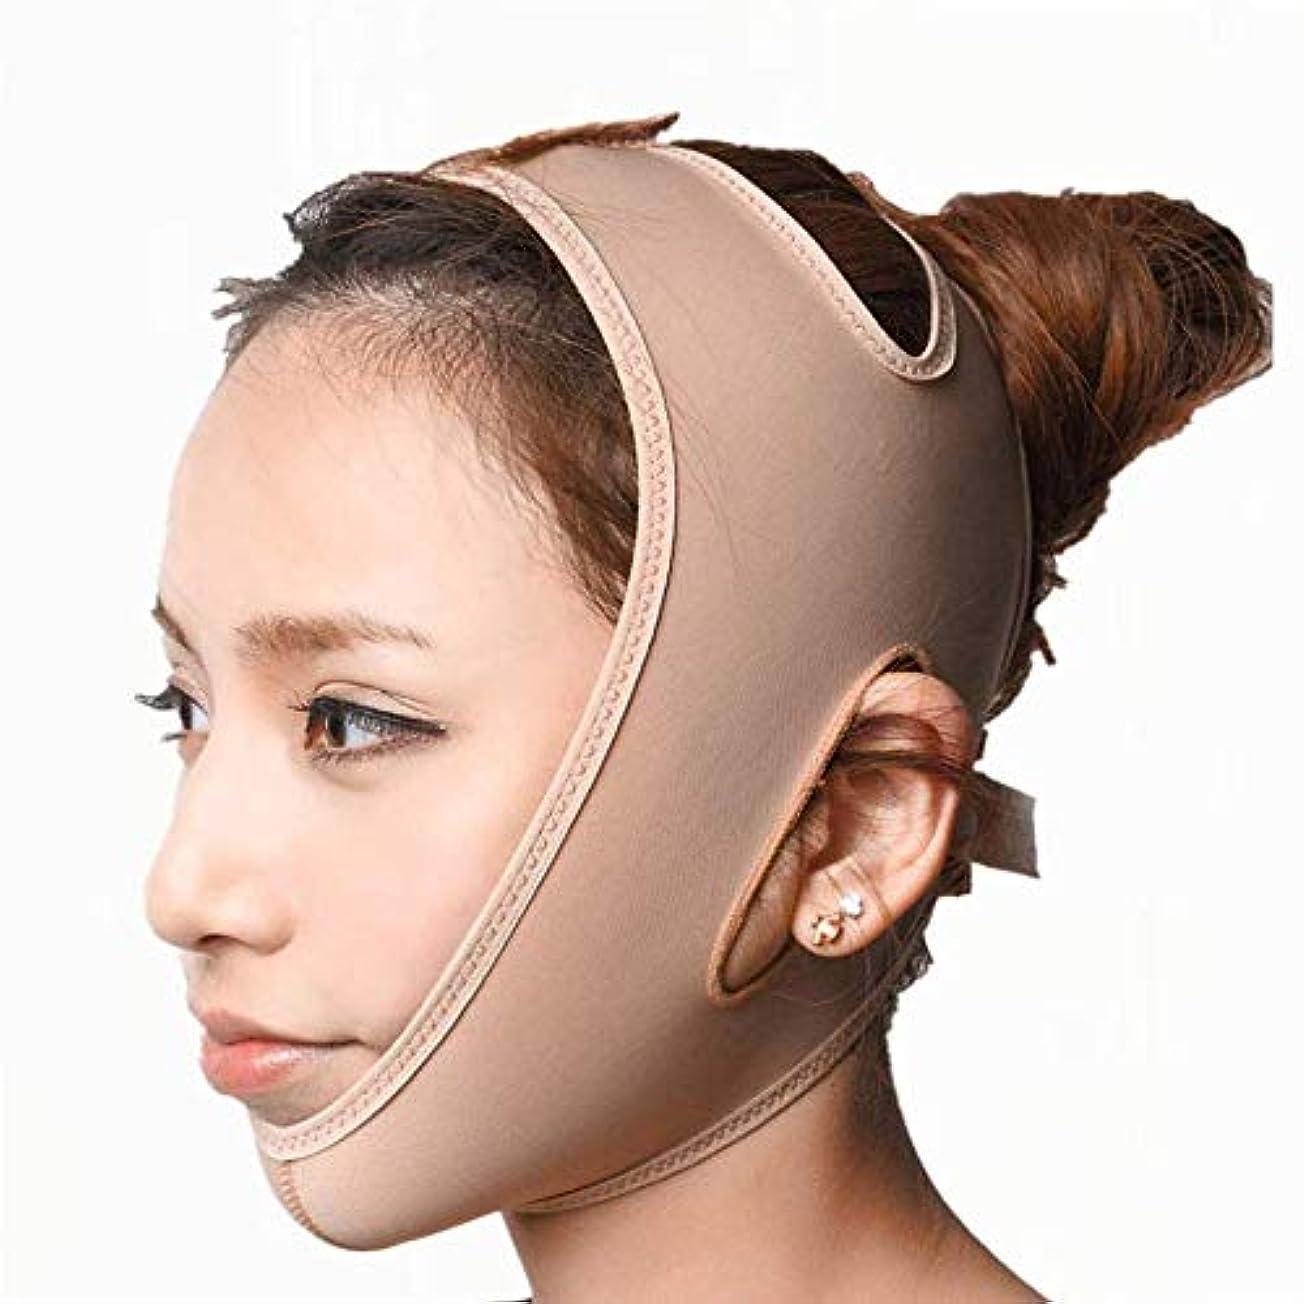 実際に健全テストWSJTT 女性のための手術後のチンストラップ包帯 - 首とあごの圧縮衣服ラップ - フェイススリム、Jowl引き締め、チンリフティング医療アンチエイジングマスク